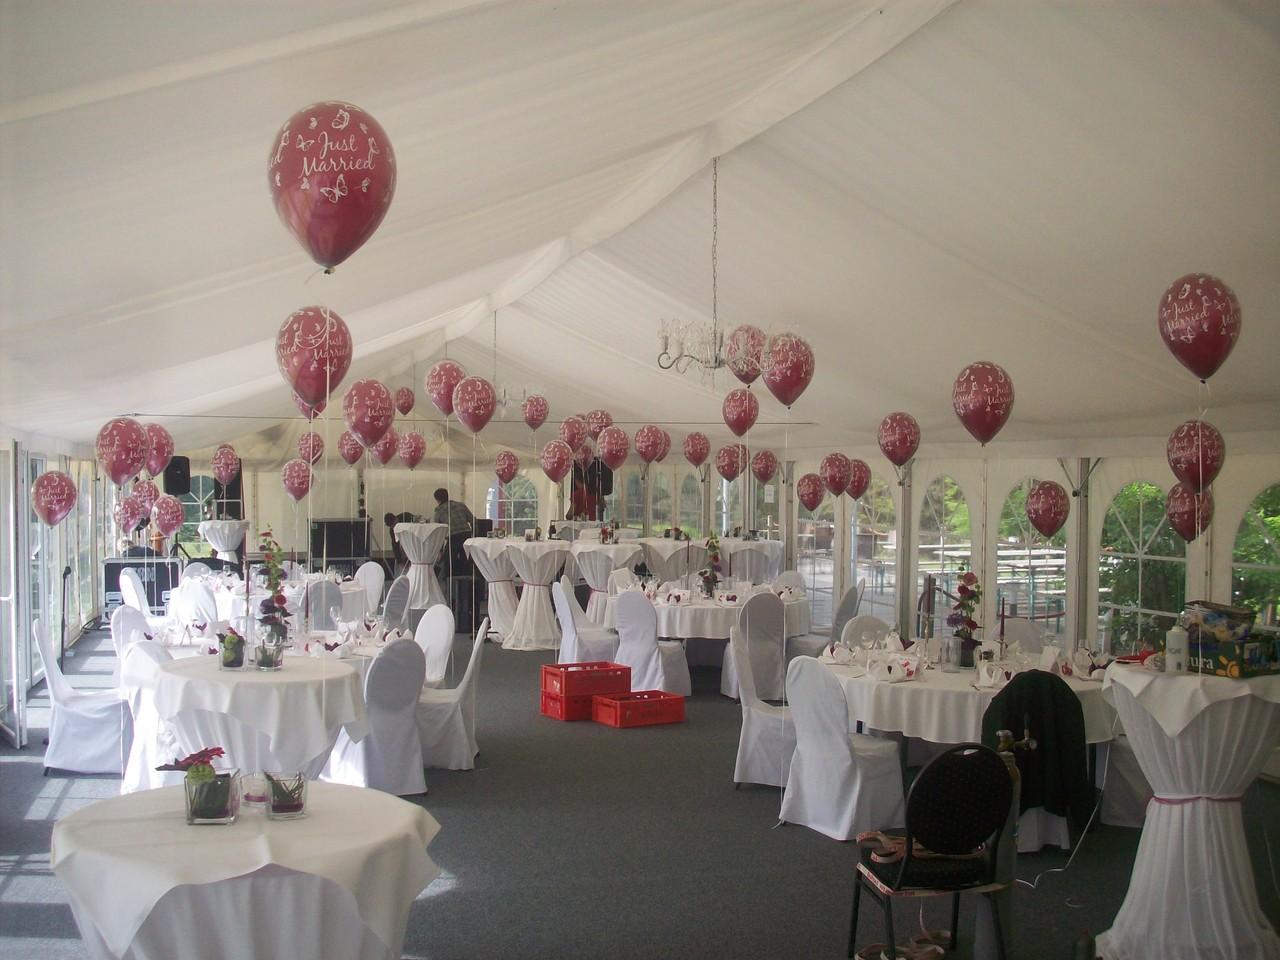 Alle Ballons sind im Raum dekoriert. Diese Aufgabe wird bei Mit-mach-Dekorationen meist von Freiwilligen übernommen. Hier durften wir aber komplett ran, währen die Heiratenden das machten was sie an dem Tag vorhatten: Heiraten.